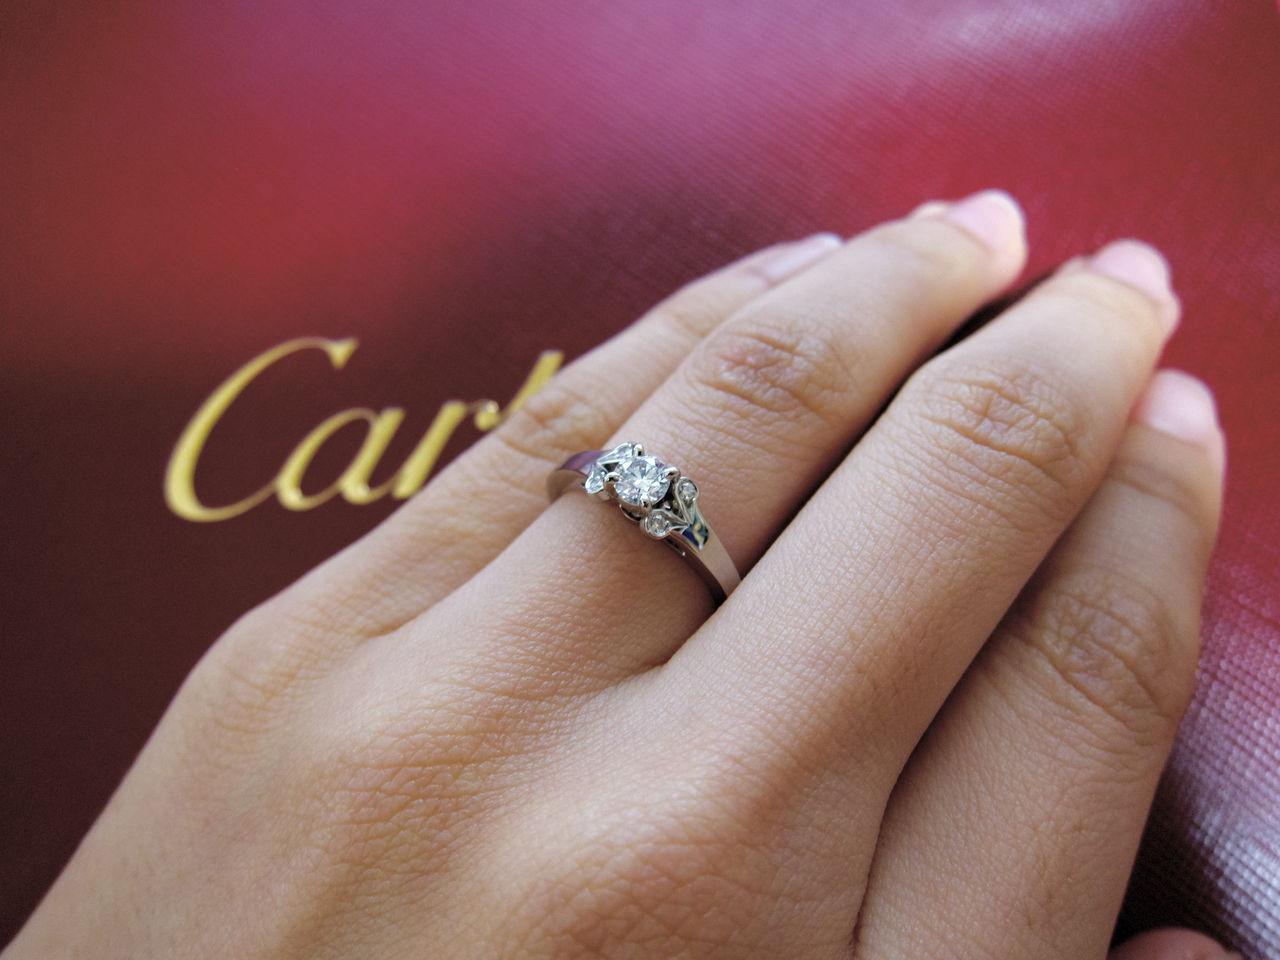 size 40 6789b 21cd6 ③婚約指輪にカルティエバレリーナを頂いた話。 : いつか街で ...